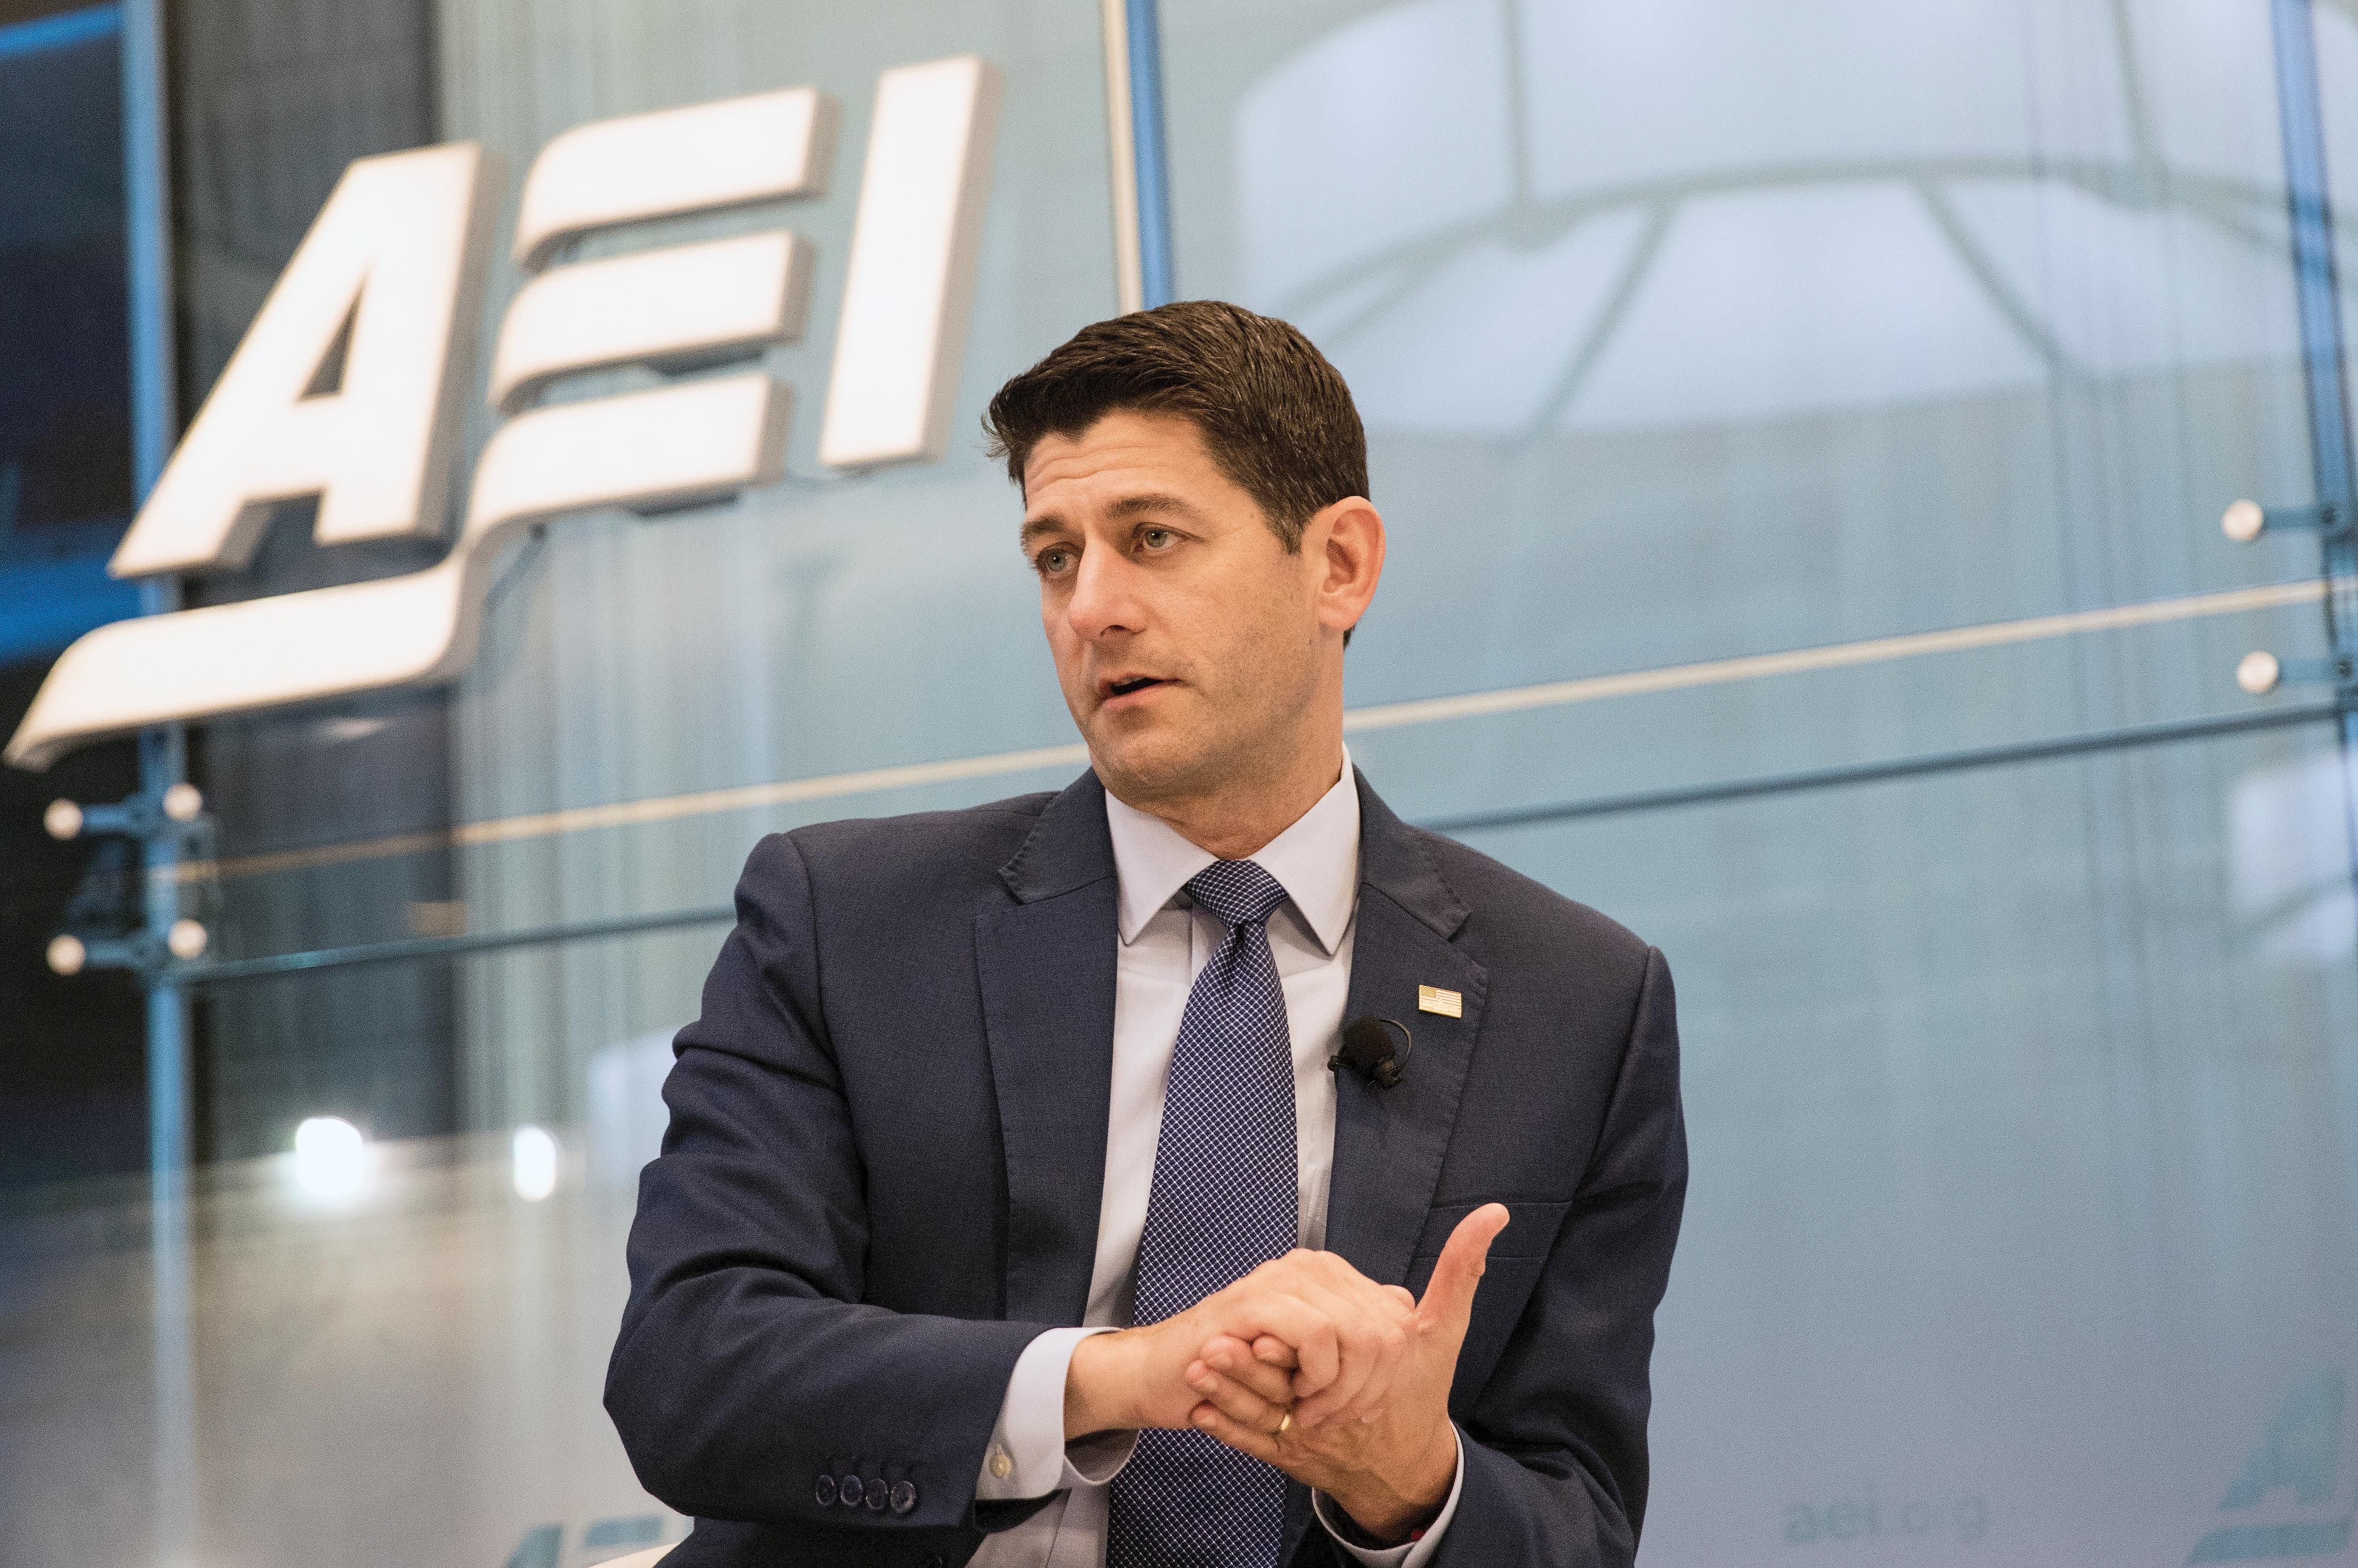 U.S. House Speaker Paul Ryan (R-WI) speaks at the U.S. House American Enterprise Institute forum in Washington, U.S., July 19, 2018. REUTERS/Alex Wroblewski